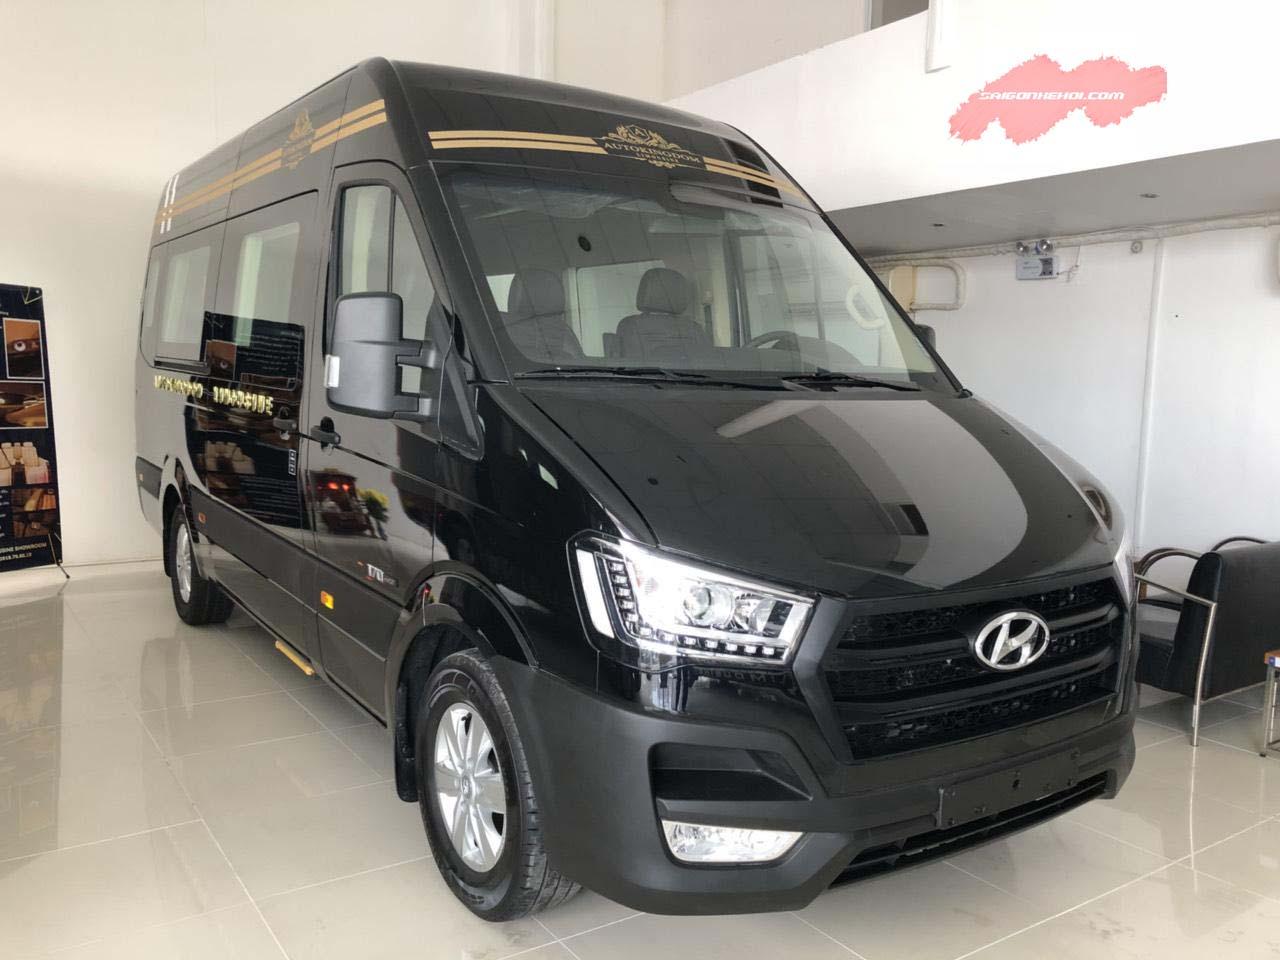 Ngoại hình Hyundai Solati Limousine 2020 hấp dẫn